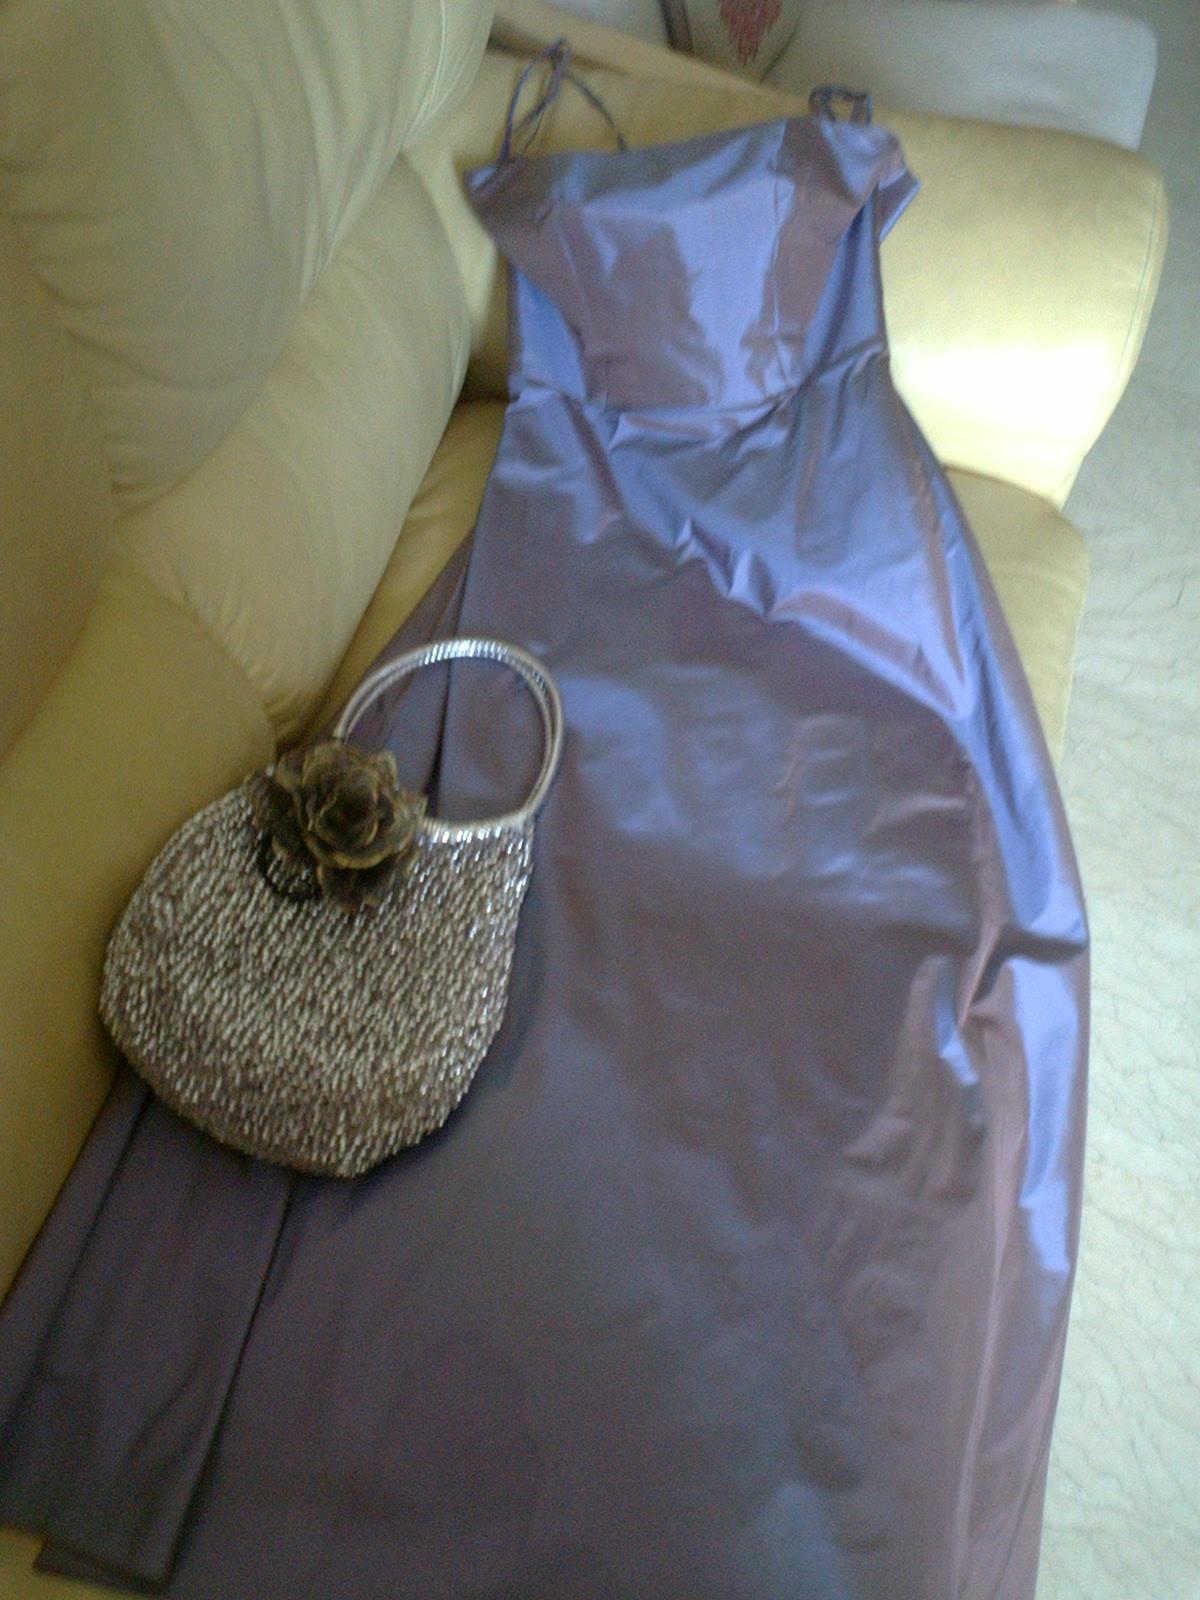 cf9f3e80d2b 土曜の夜にインドの結婚式に参加したのですが、インドのサリに対抗すべく?タンスの肥やし化しつつあったタイシルクのドレスを初めて着ることができました。